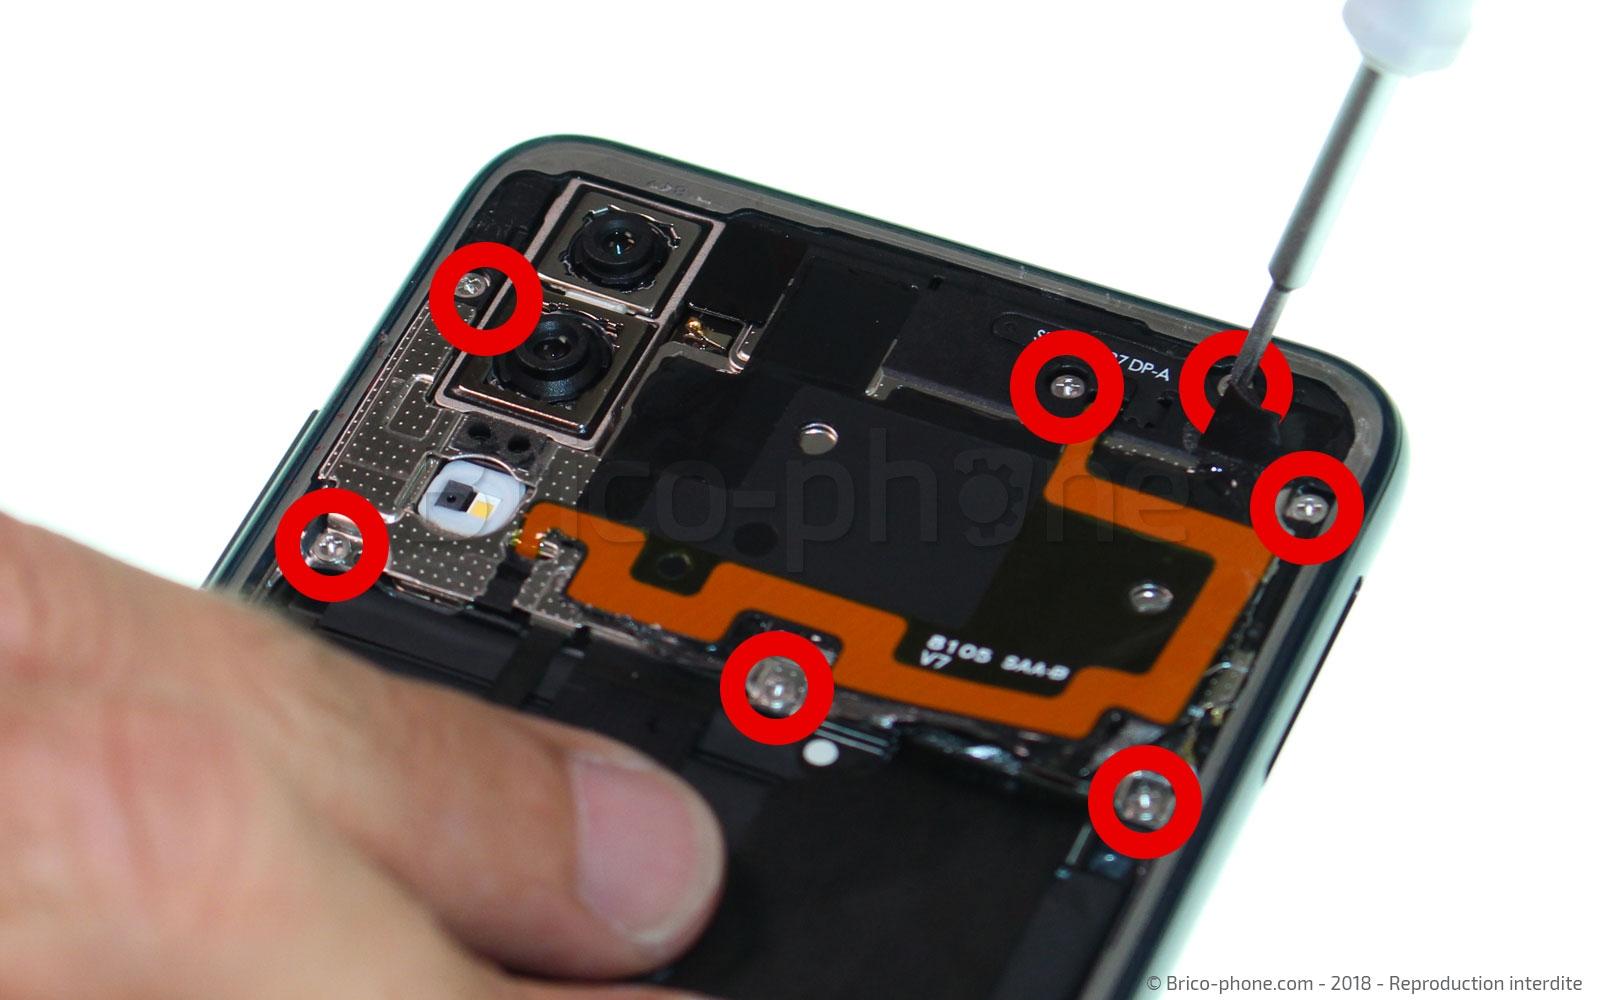 Etape 5 : Dévisser et retirer le module NFC